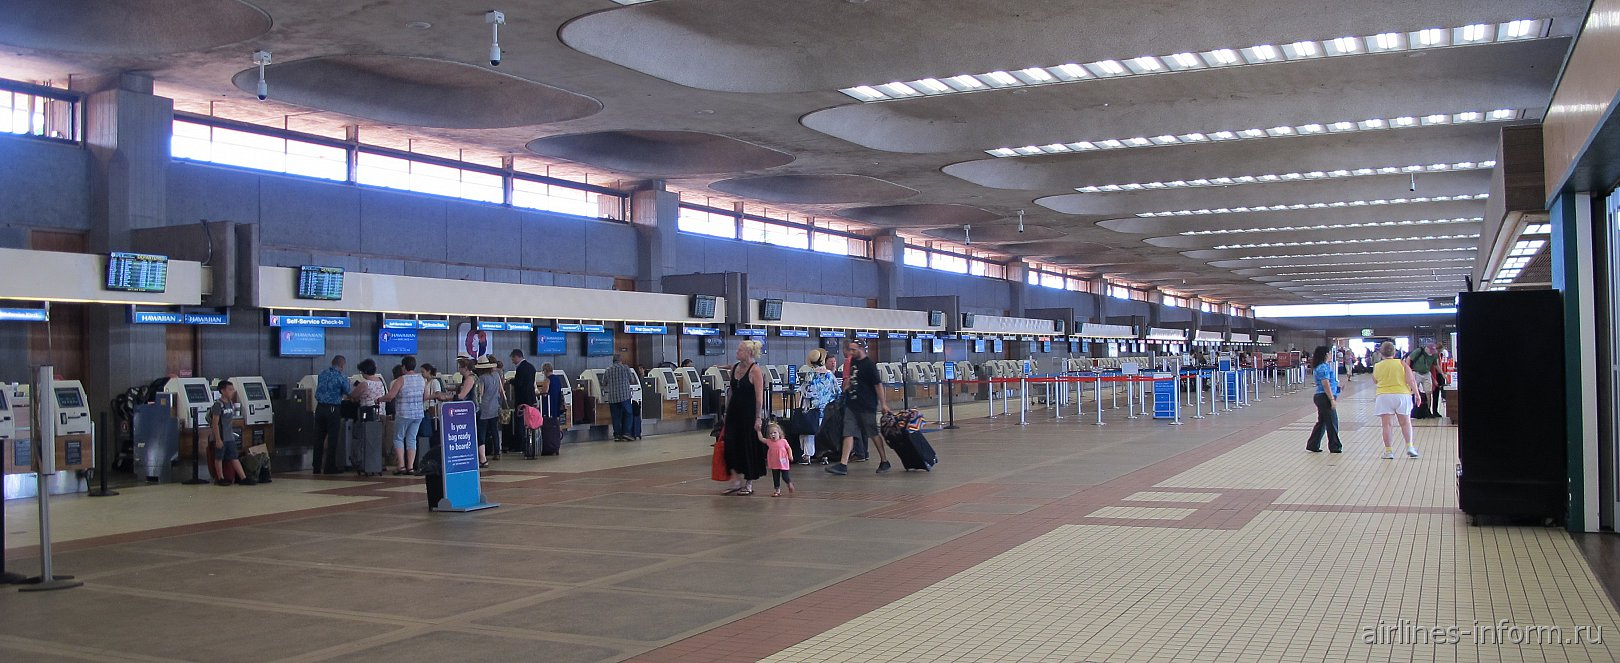 Зал регистрации в основном терминале аэропорта Кахулуи